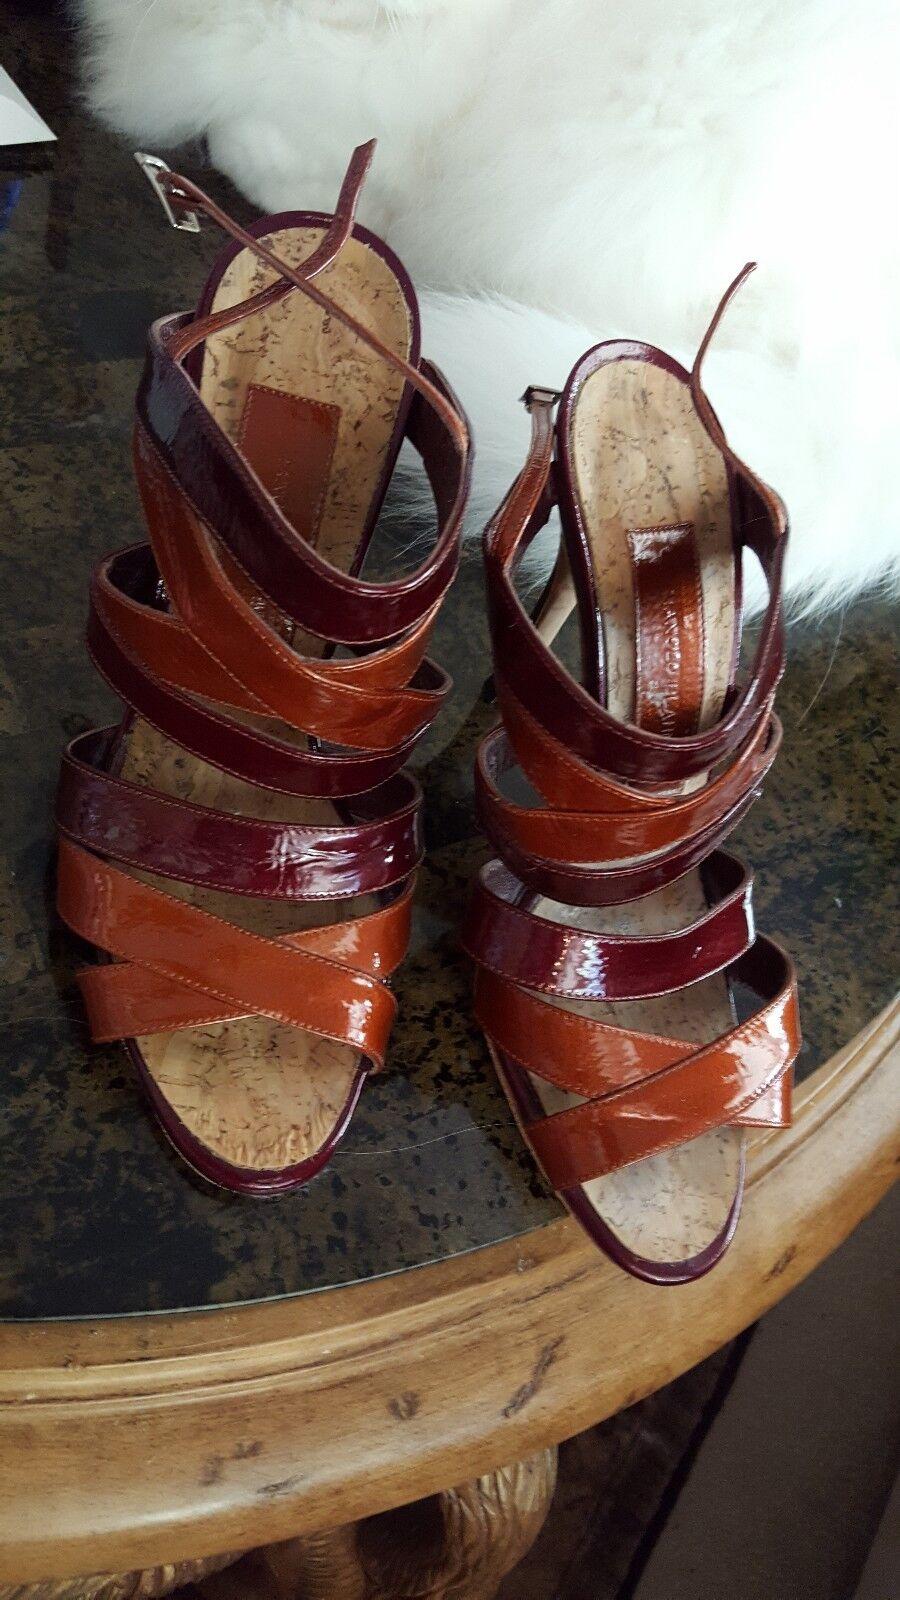 Manolo Blahnik Strappy Sandals 38.5 8.5